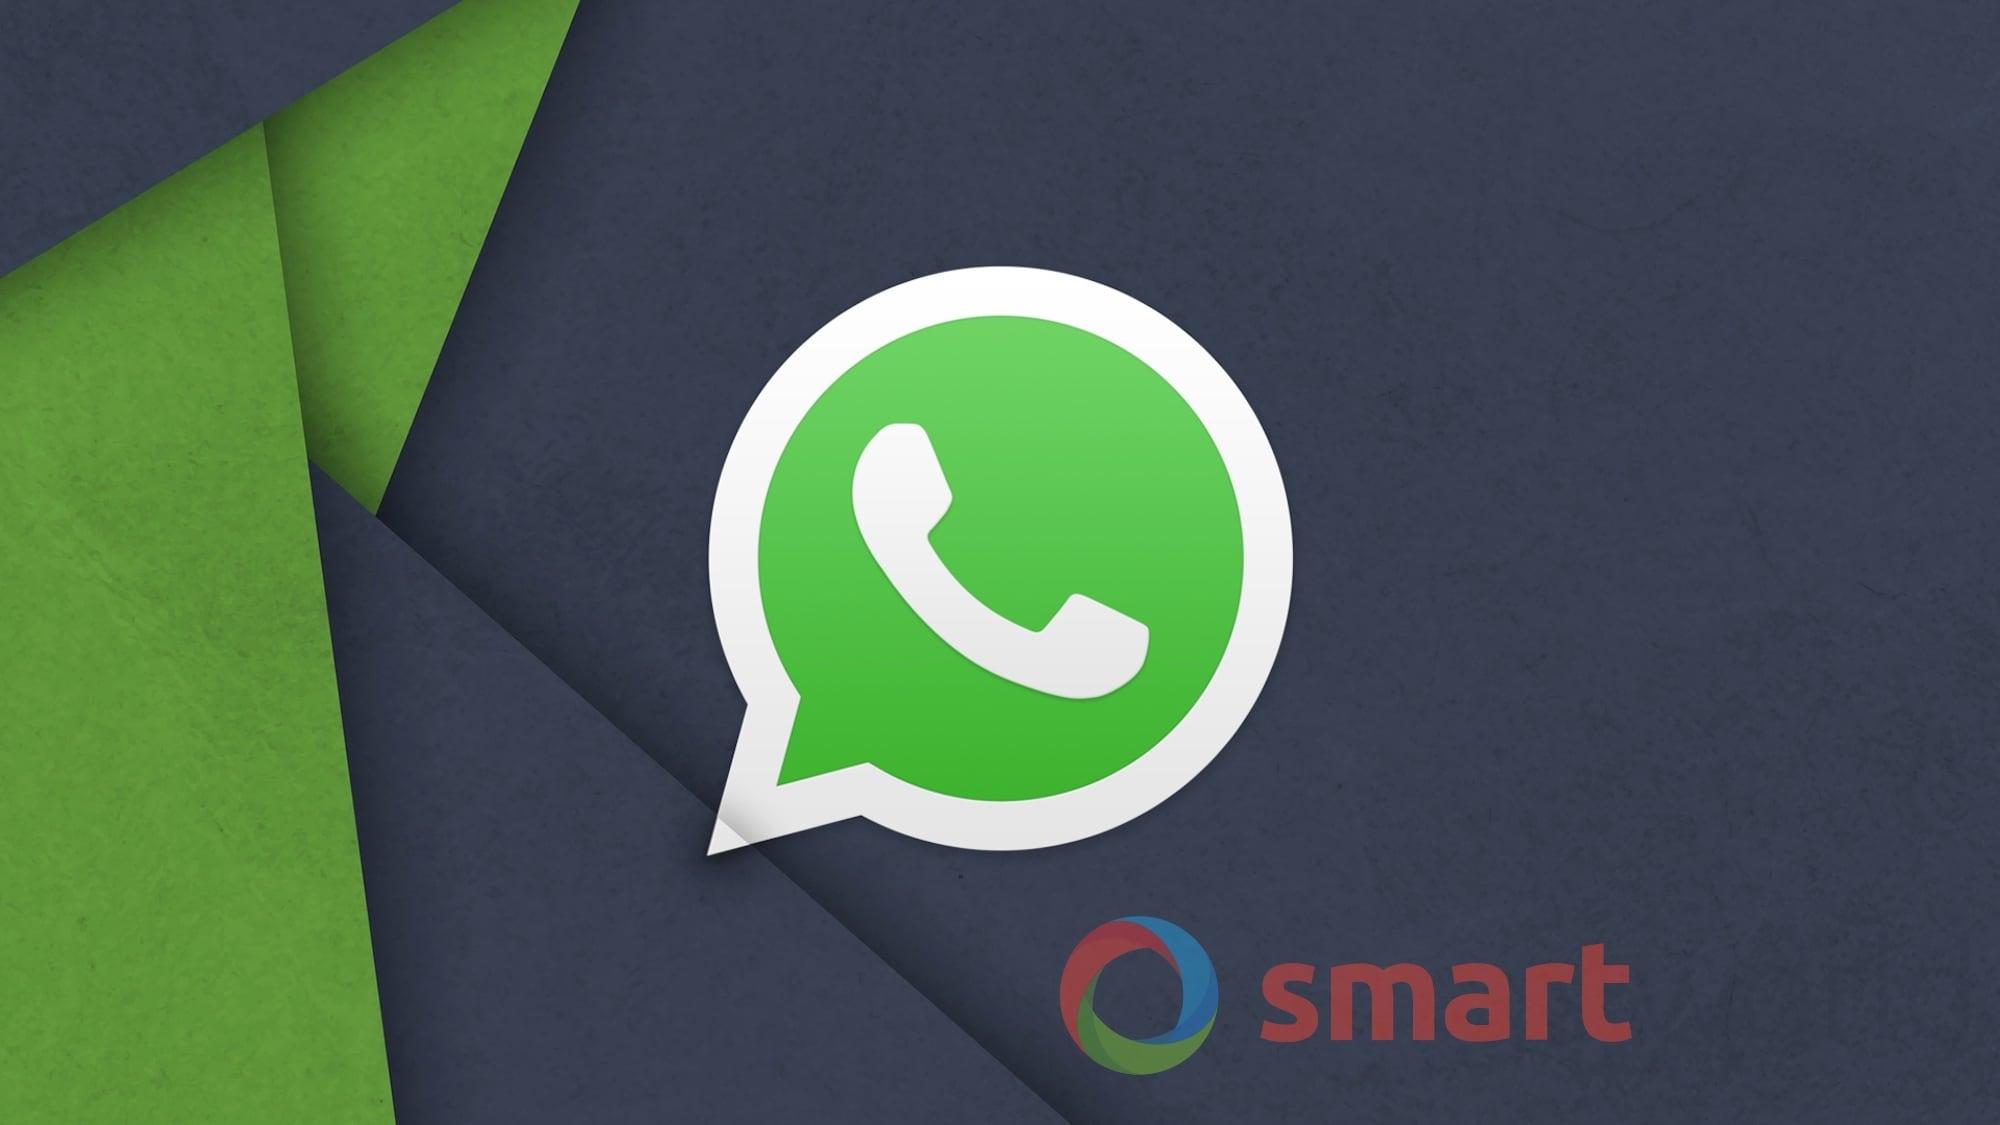 WhatsApp punta sulla sua funzione multi-dispositivo, e cerca di convincere gli scettici (foto)